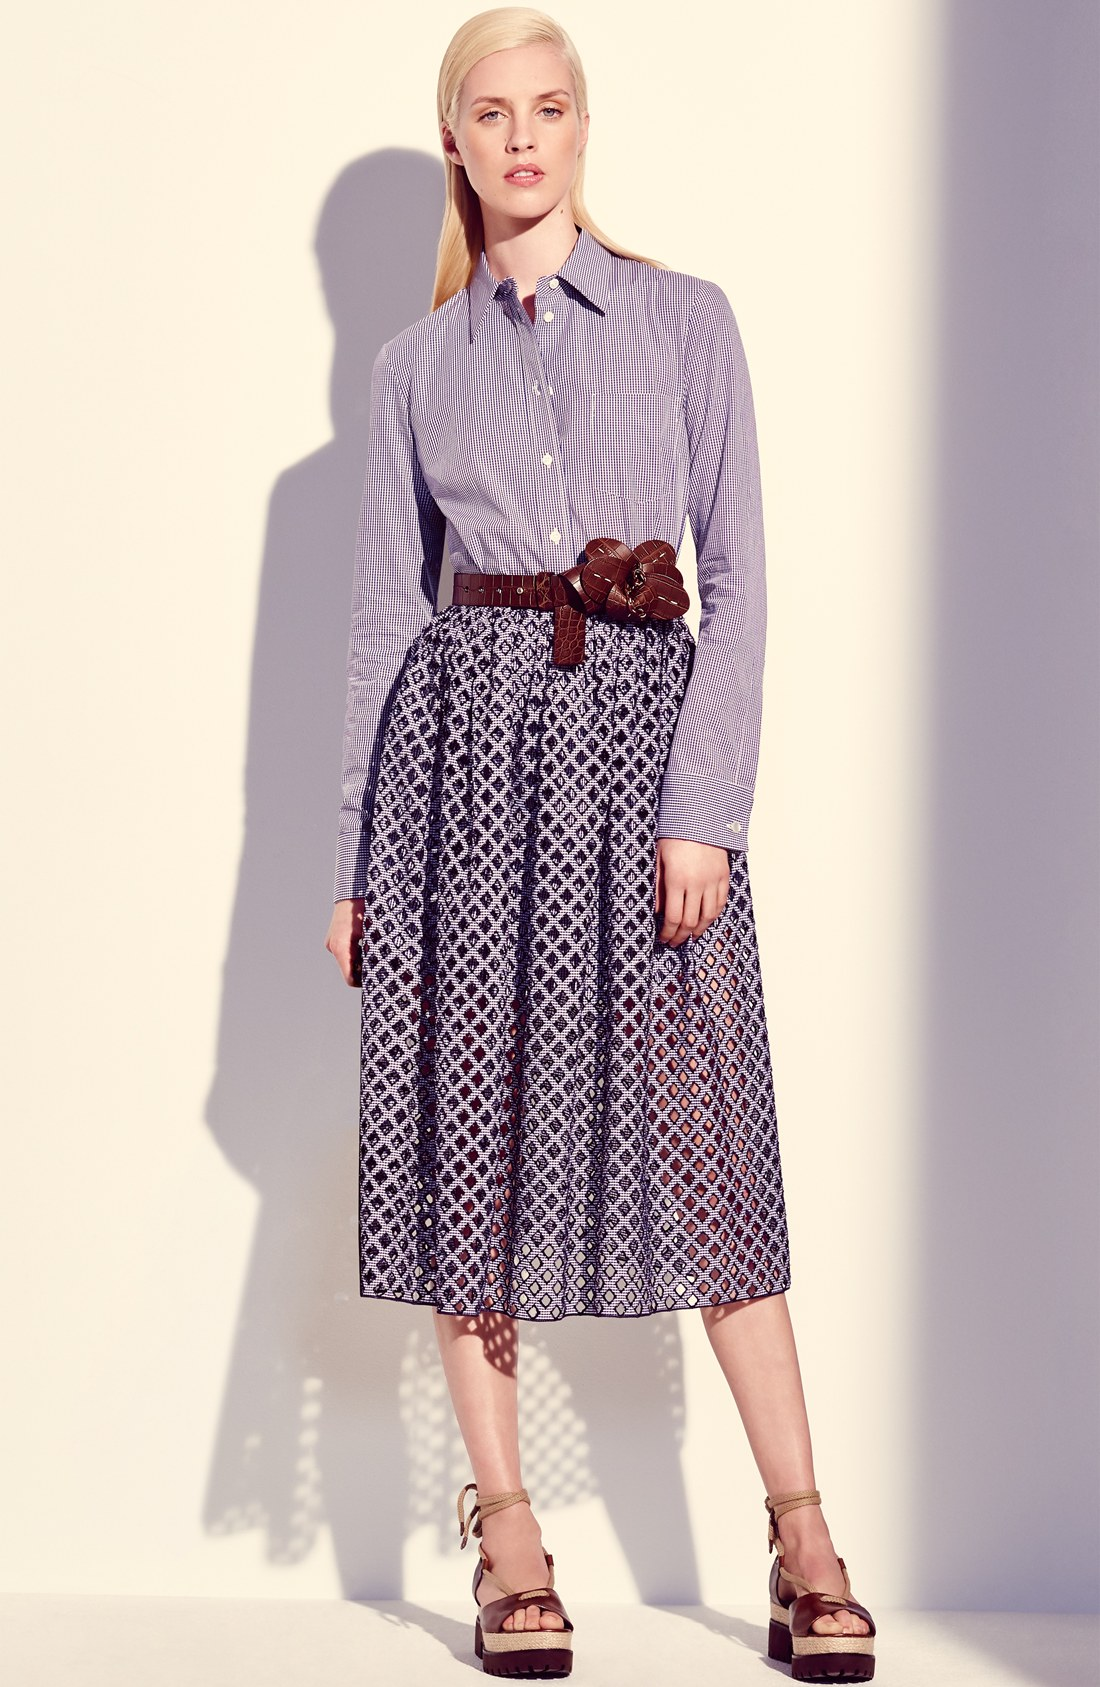 Michael Kors Gingham Shirt & Skirt